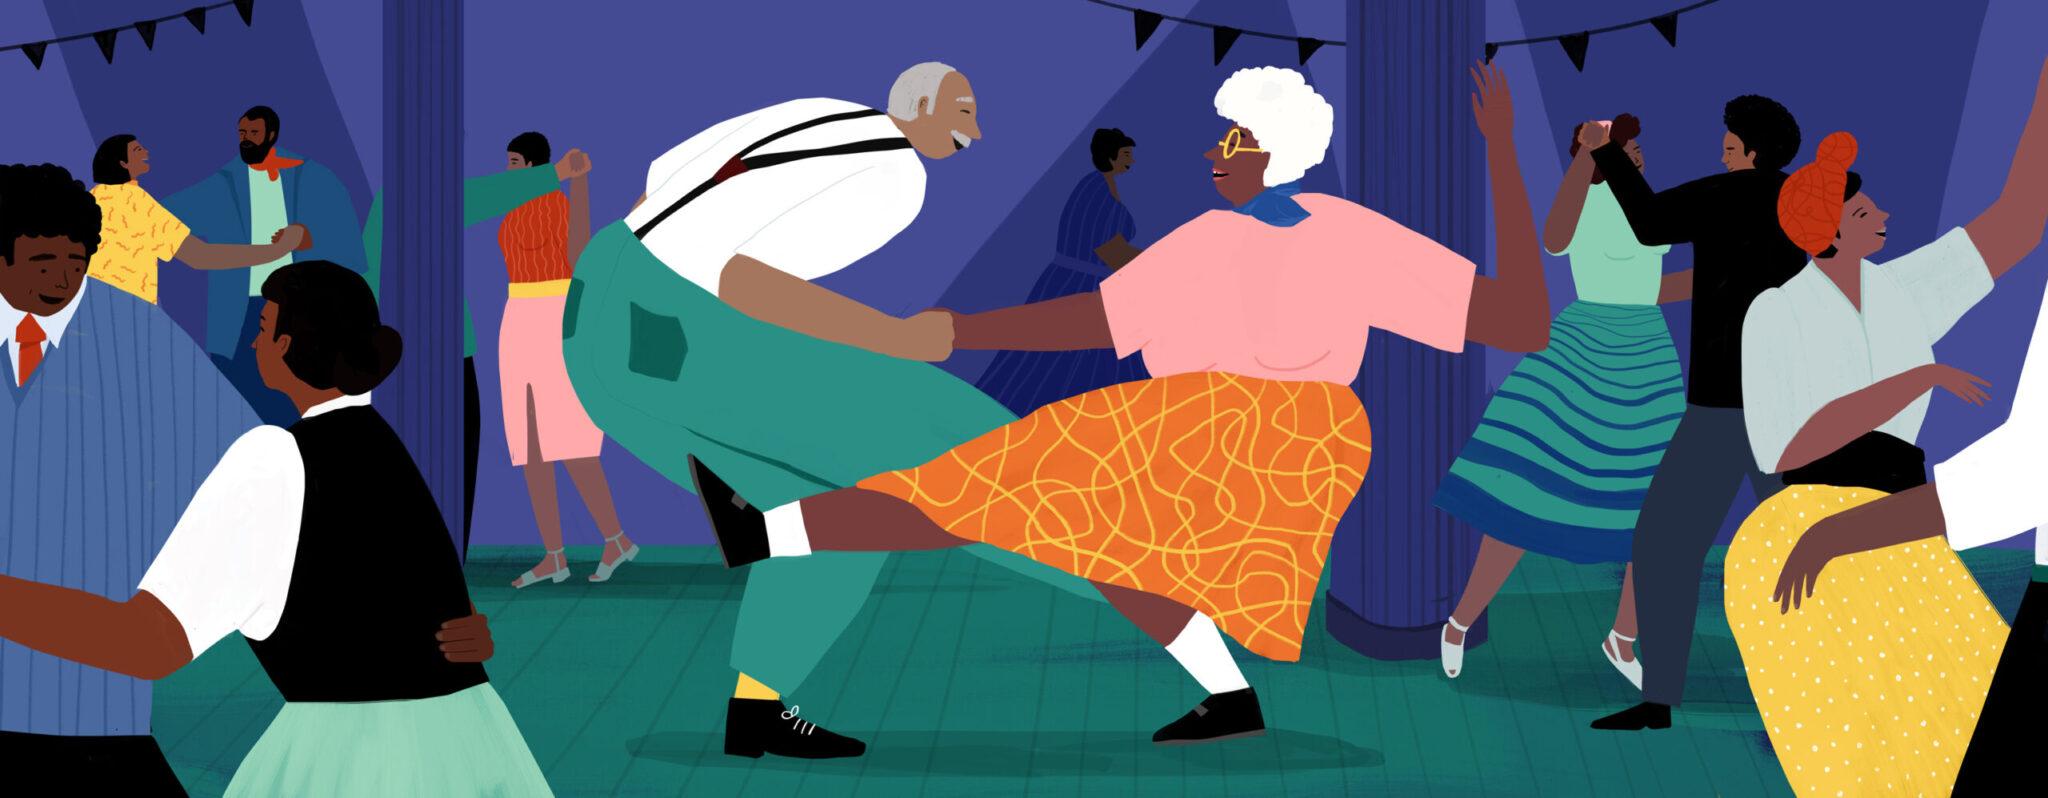 Richard Solomon - Maya-Ish-Shalom-002-AARP_sisterletter_Grandma_MIS